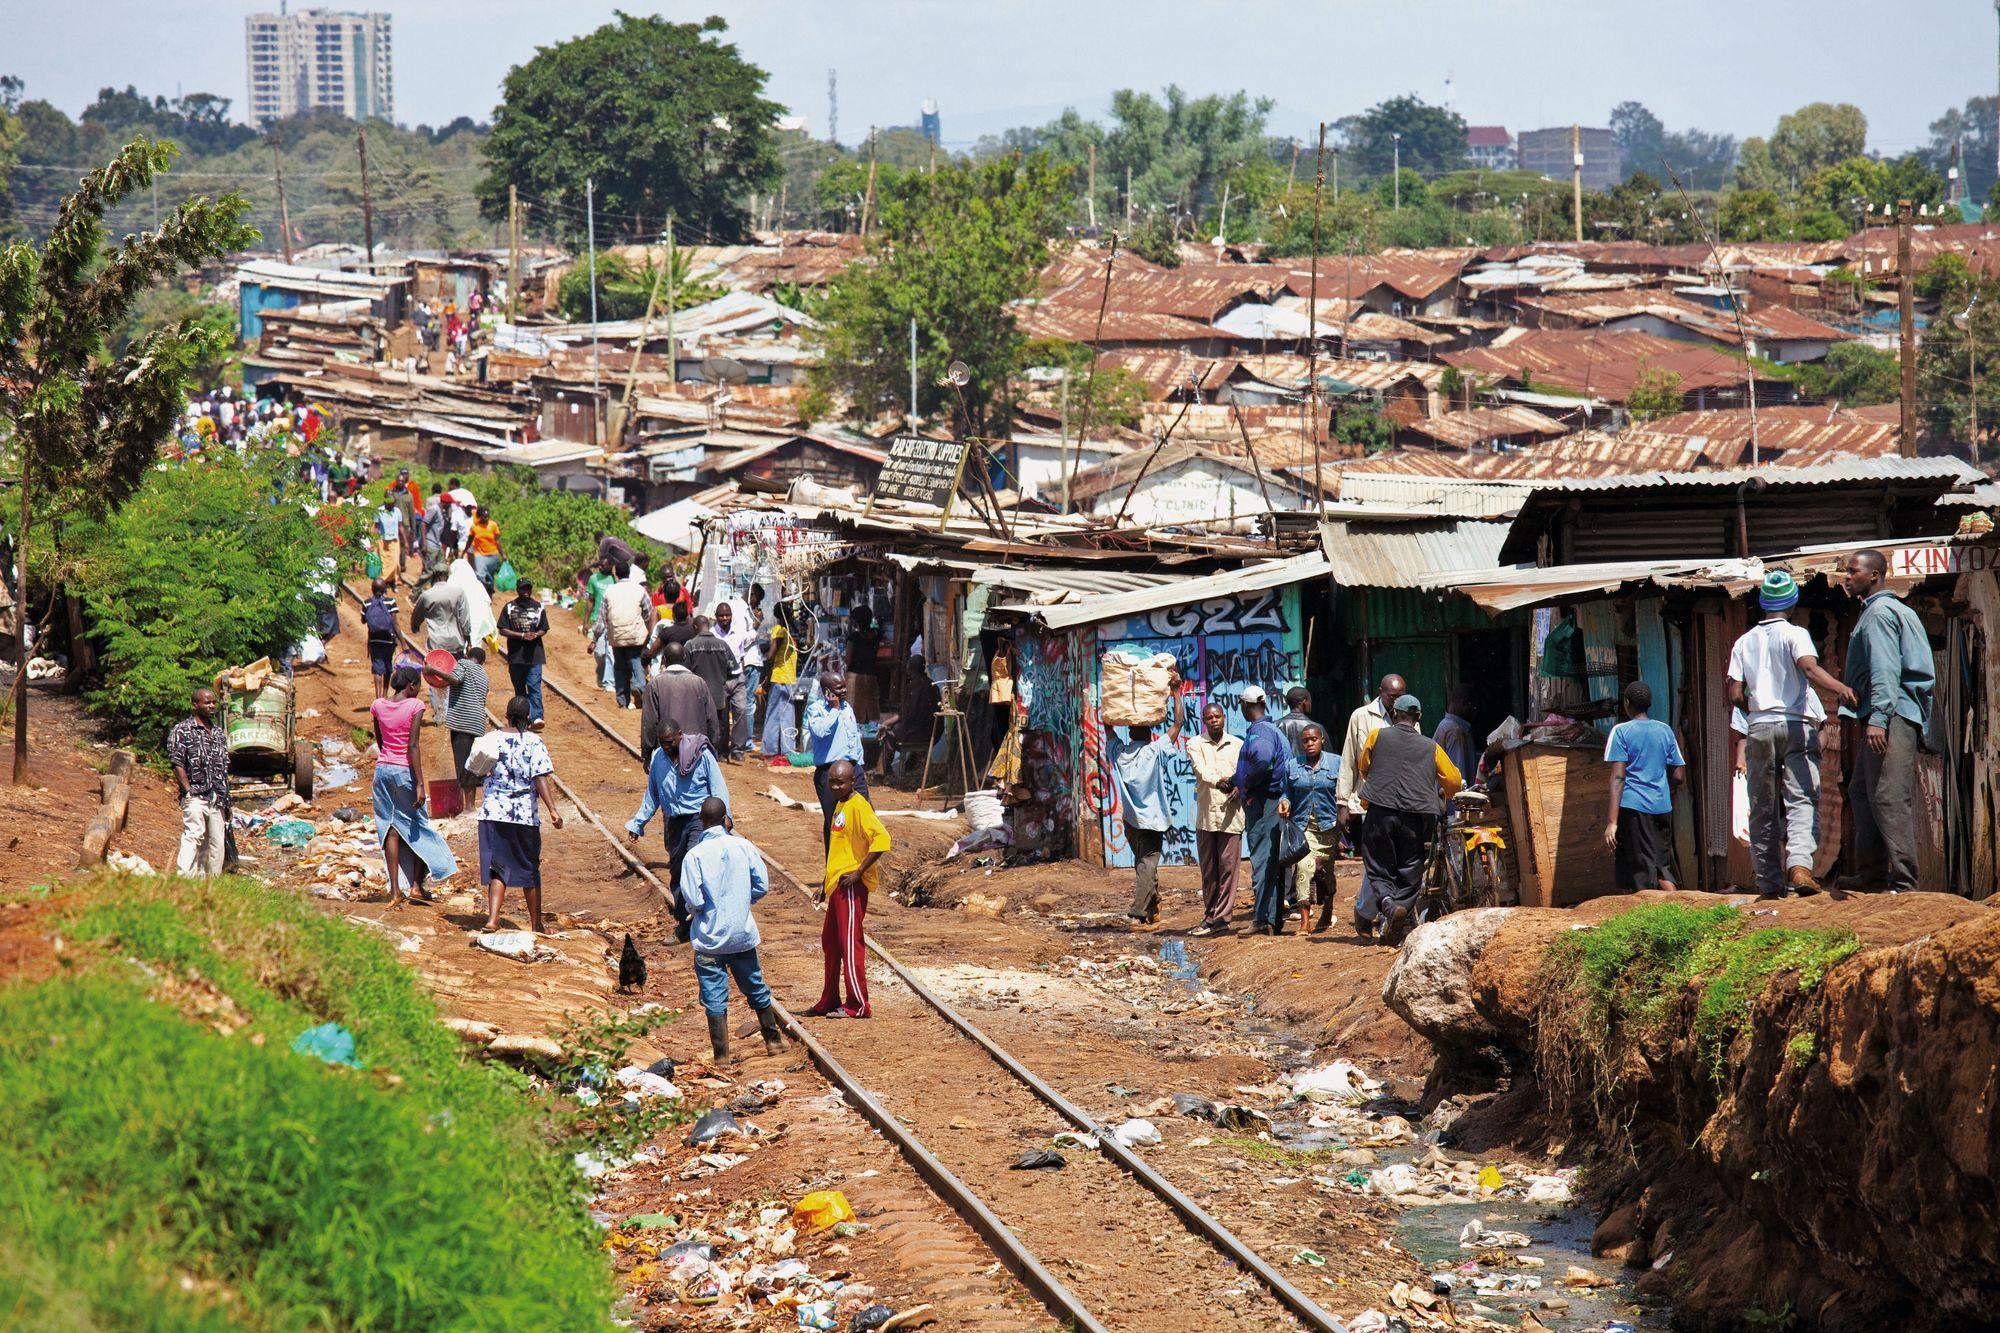 Le bidonville de Kibera est situé à Nairobi, la capitale du Kenya. Un tiers de la population de la ville y habite.